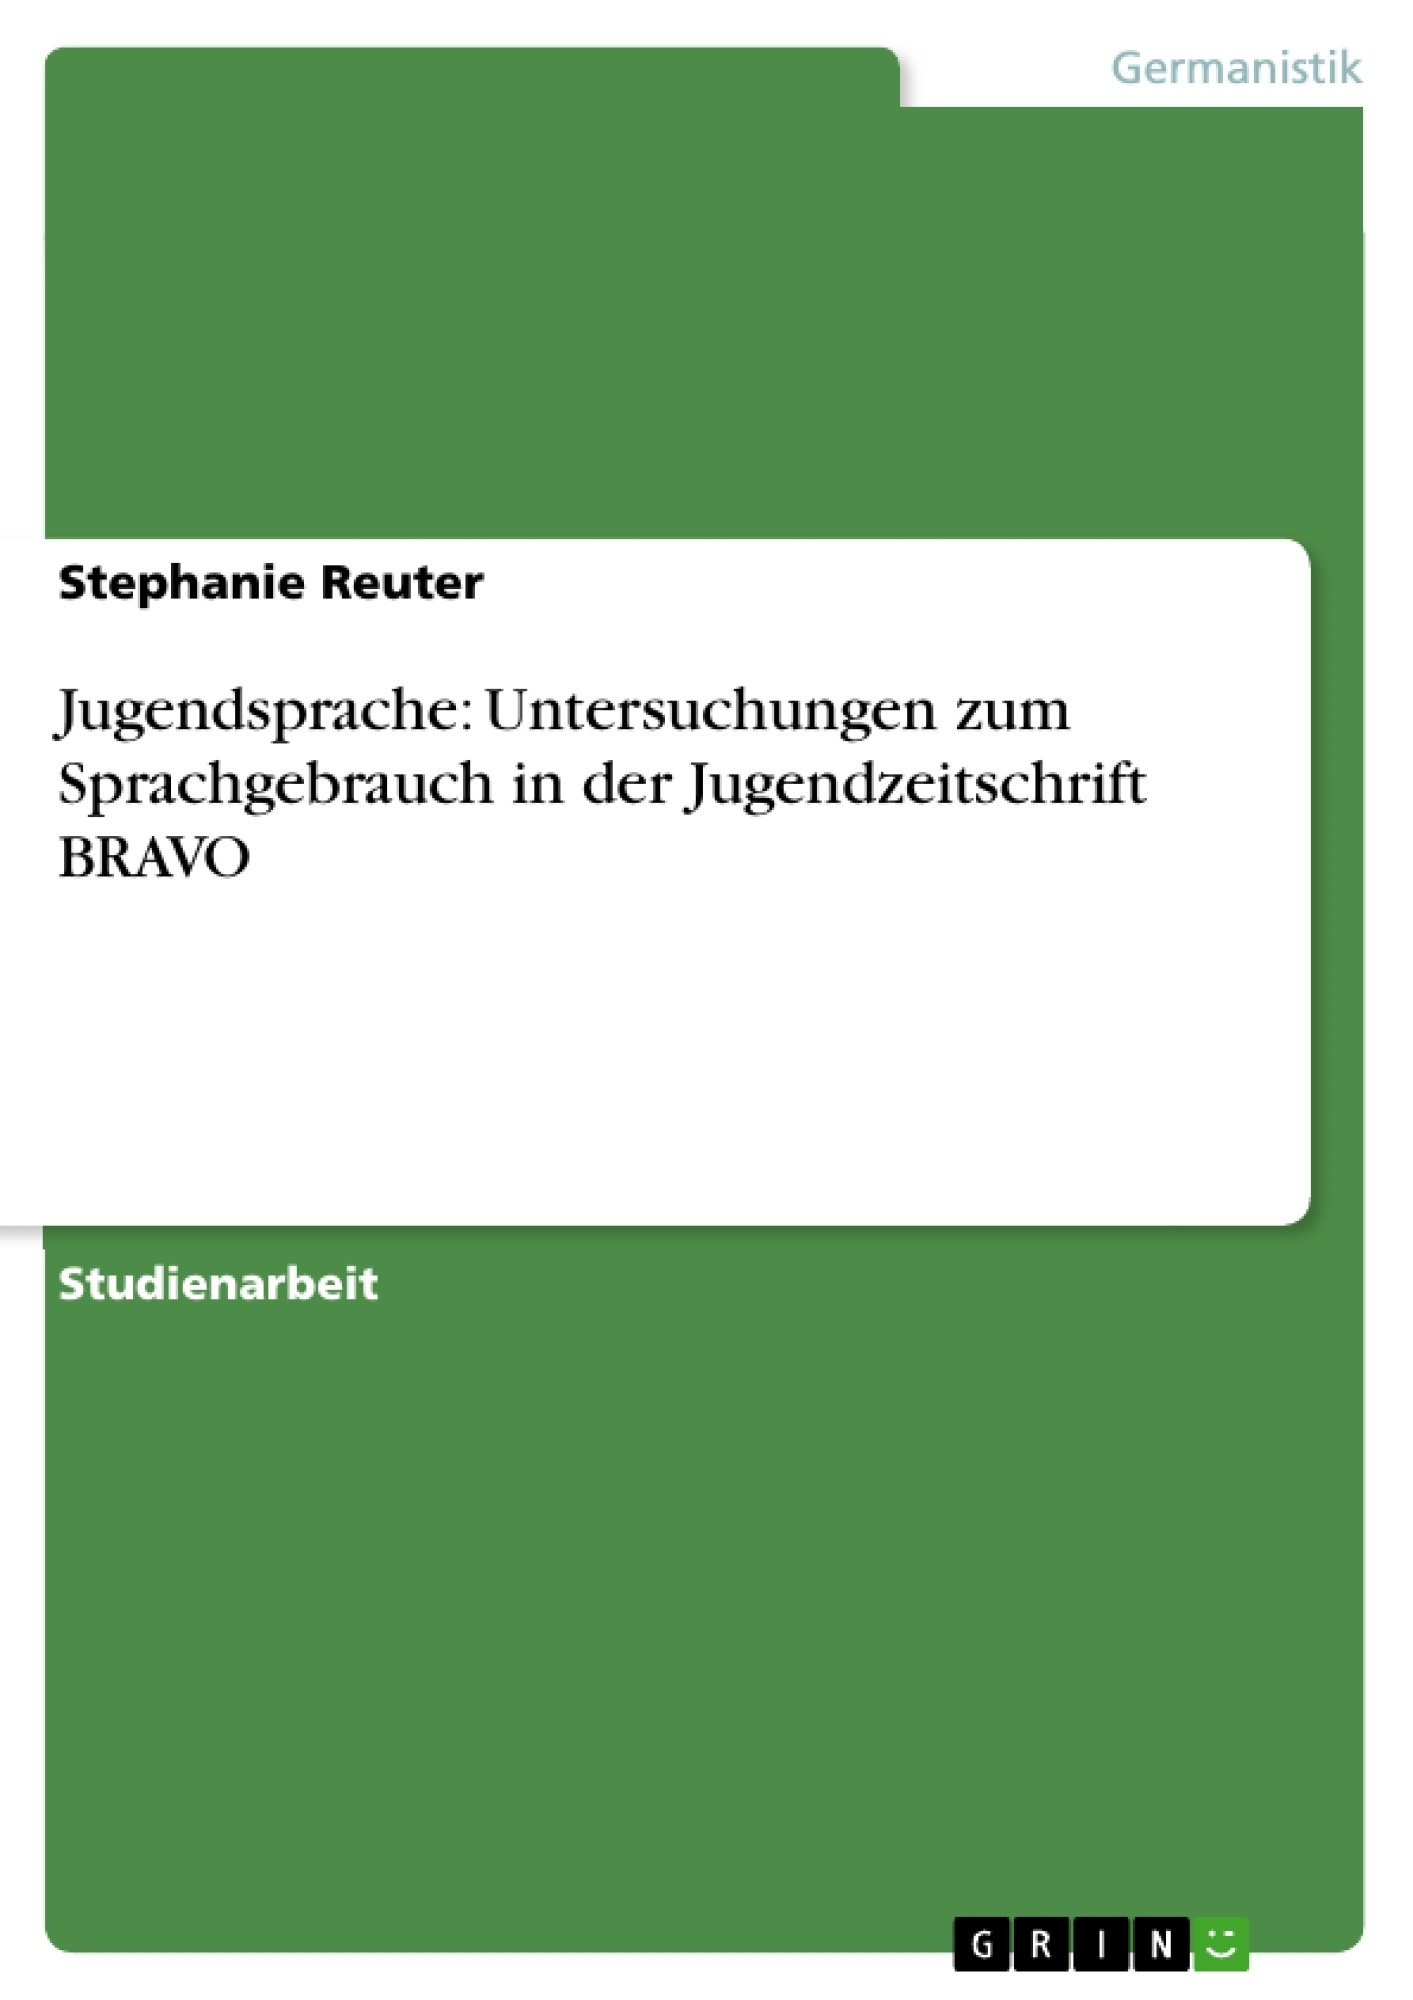 Titel: Jugendsprache: Untersuchungen zum Sprachgebrauch in der Jugendzeitschrift BRAVO